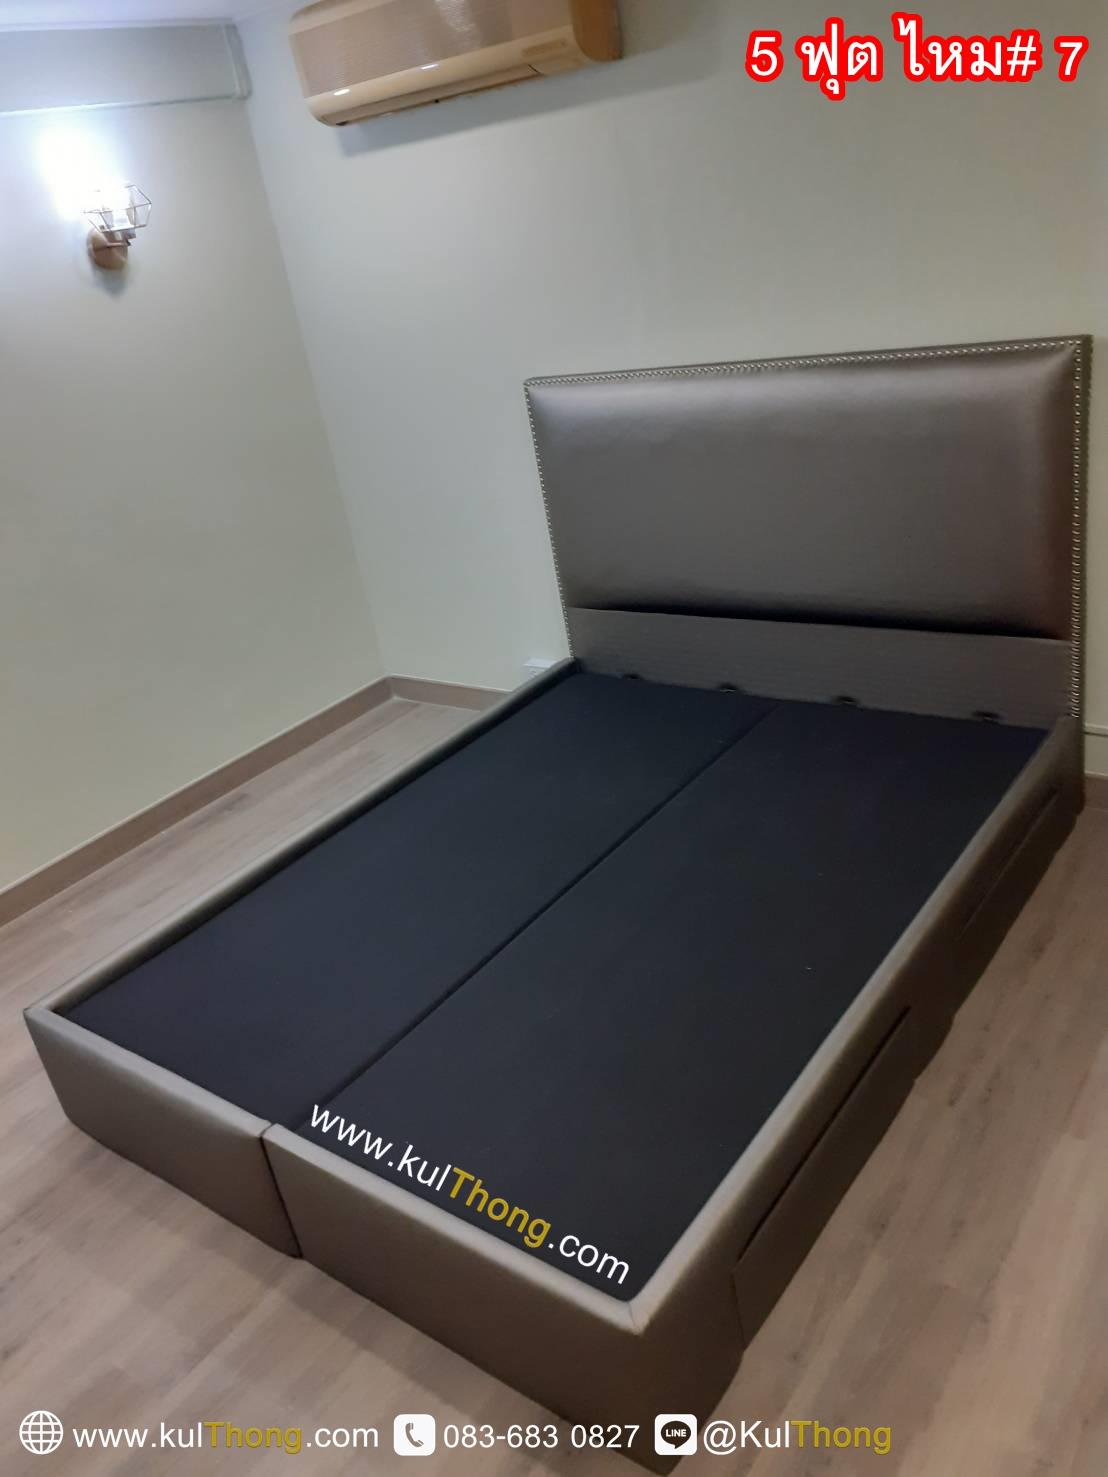 เตียงมีลิ้นชัก เตียงลิ้นชักหุ้มหนัง หัวเตียงตอกหมุด